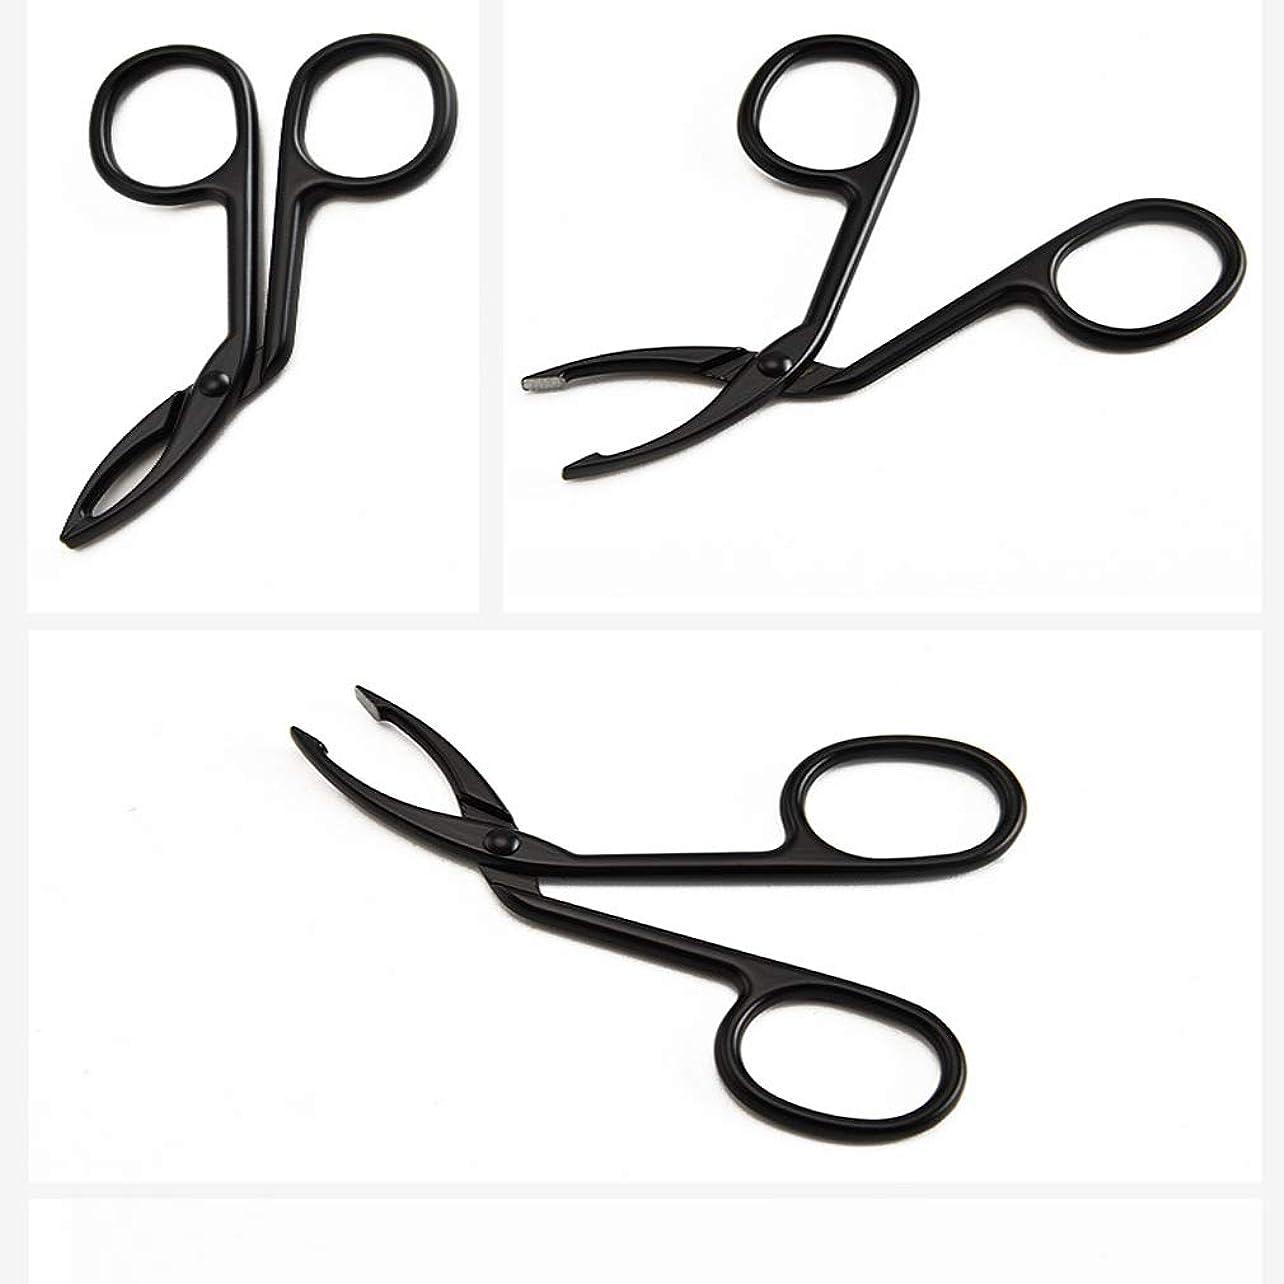 責めるオセアニア規定LUXWELL(ラクスウェル)眉毛ピンセットアイブロウ ピンセットクリップ 毛抜き まゆ毛ピンセット 人気の 化粧工具 クリップ